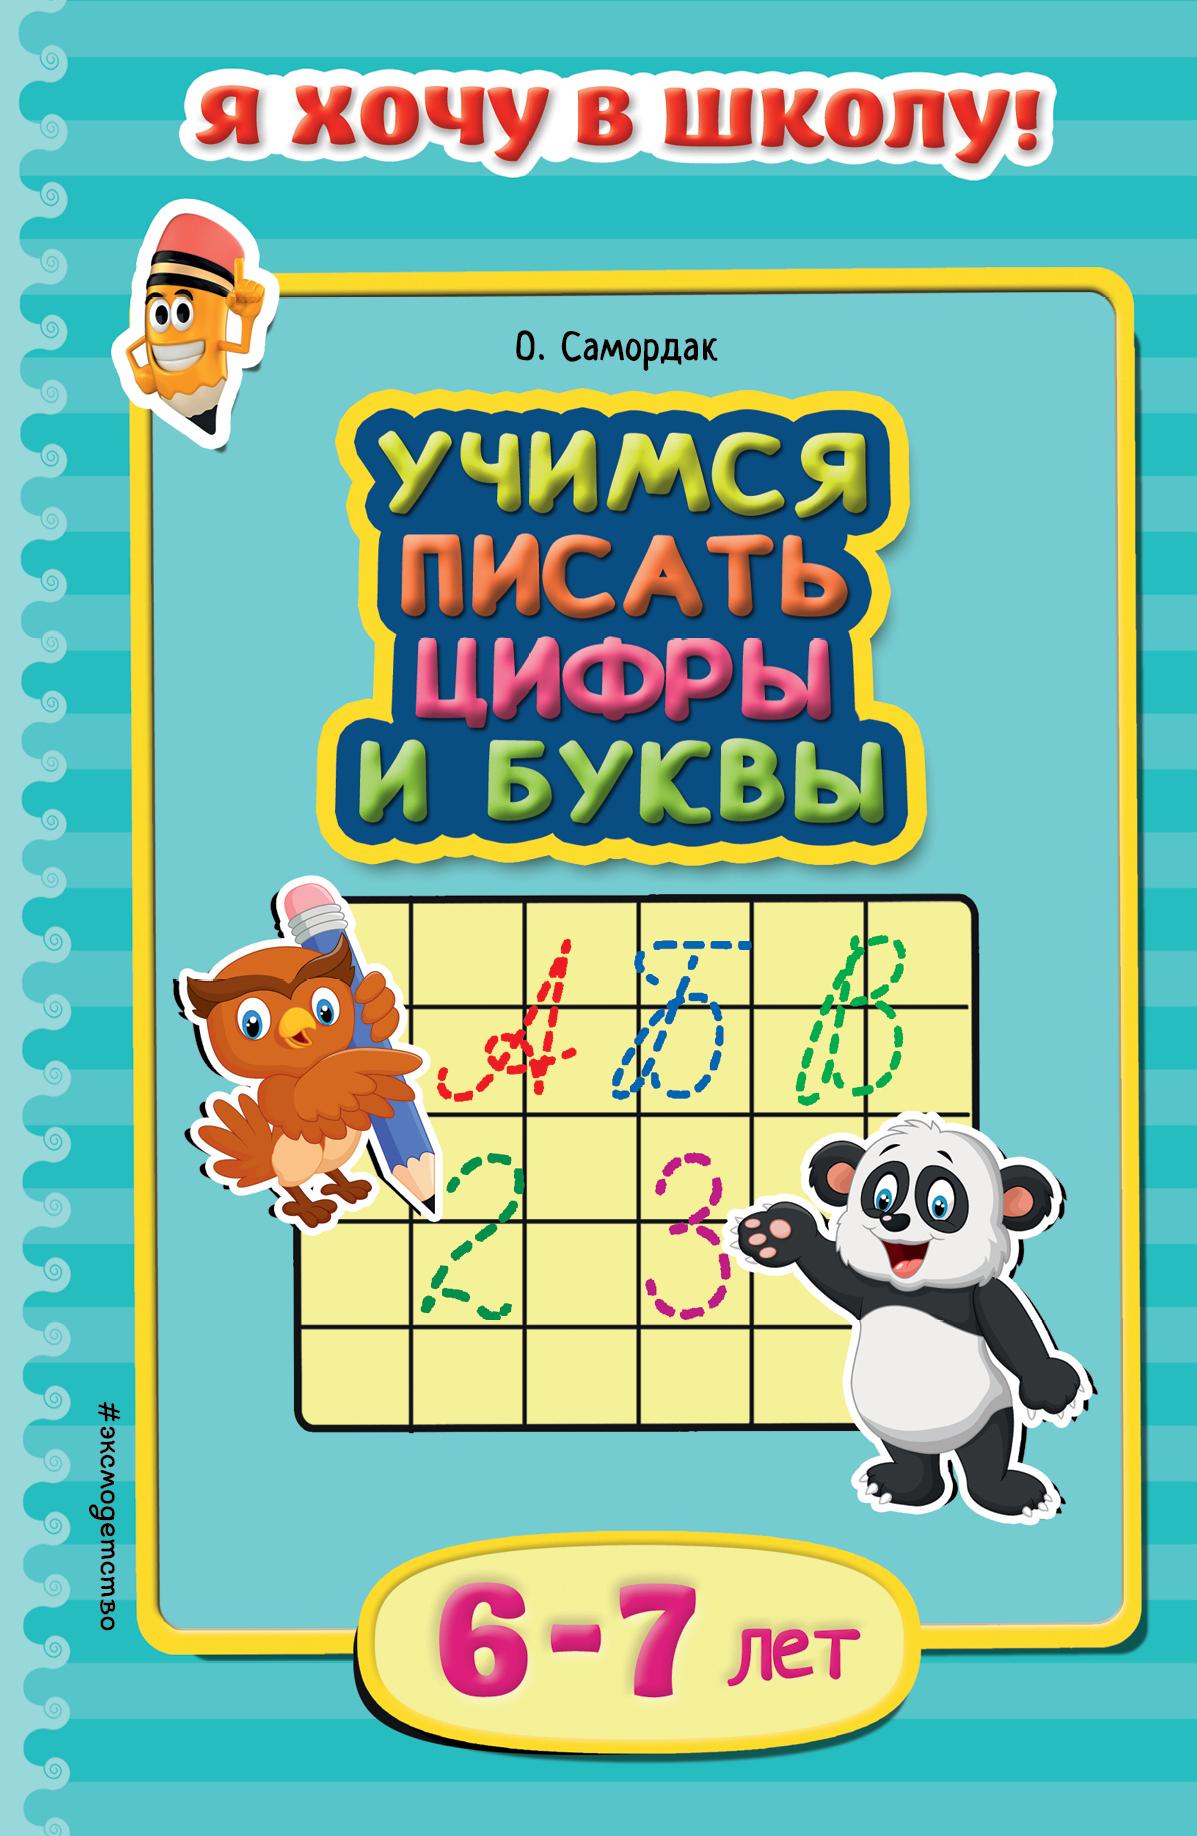 О. Самордак Учимся писать цифры и буквы: для детей 6-7 лет